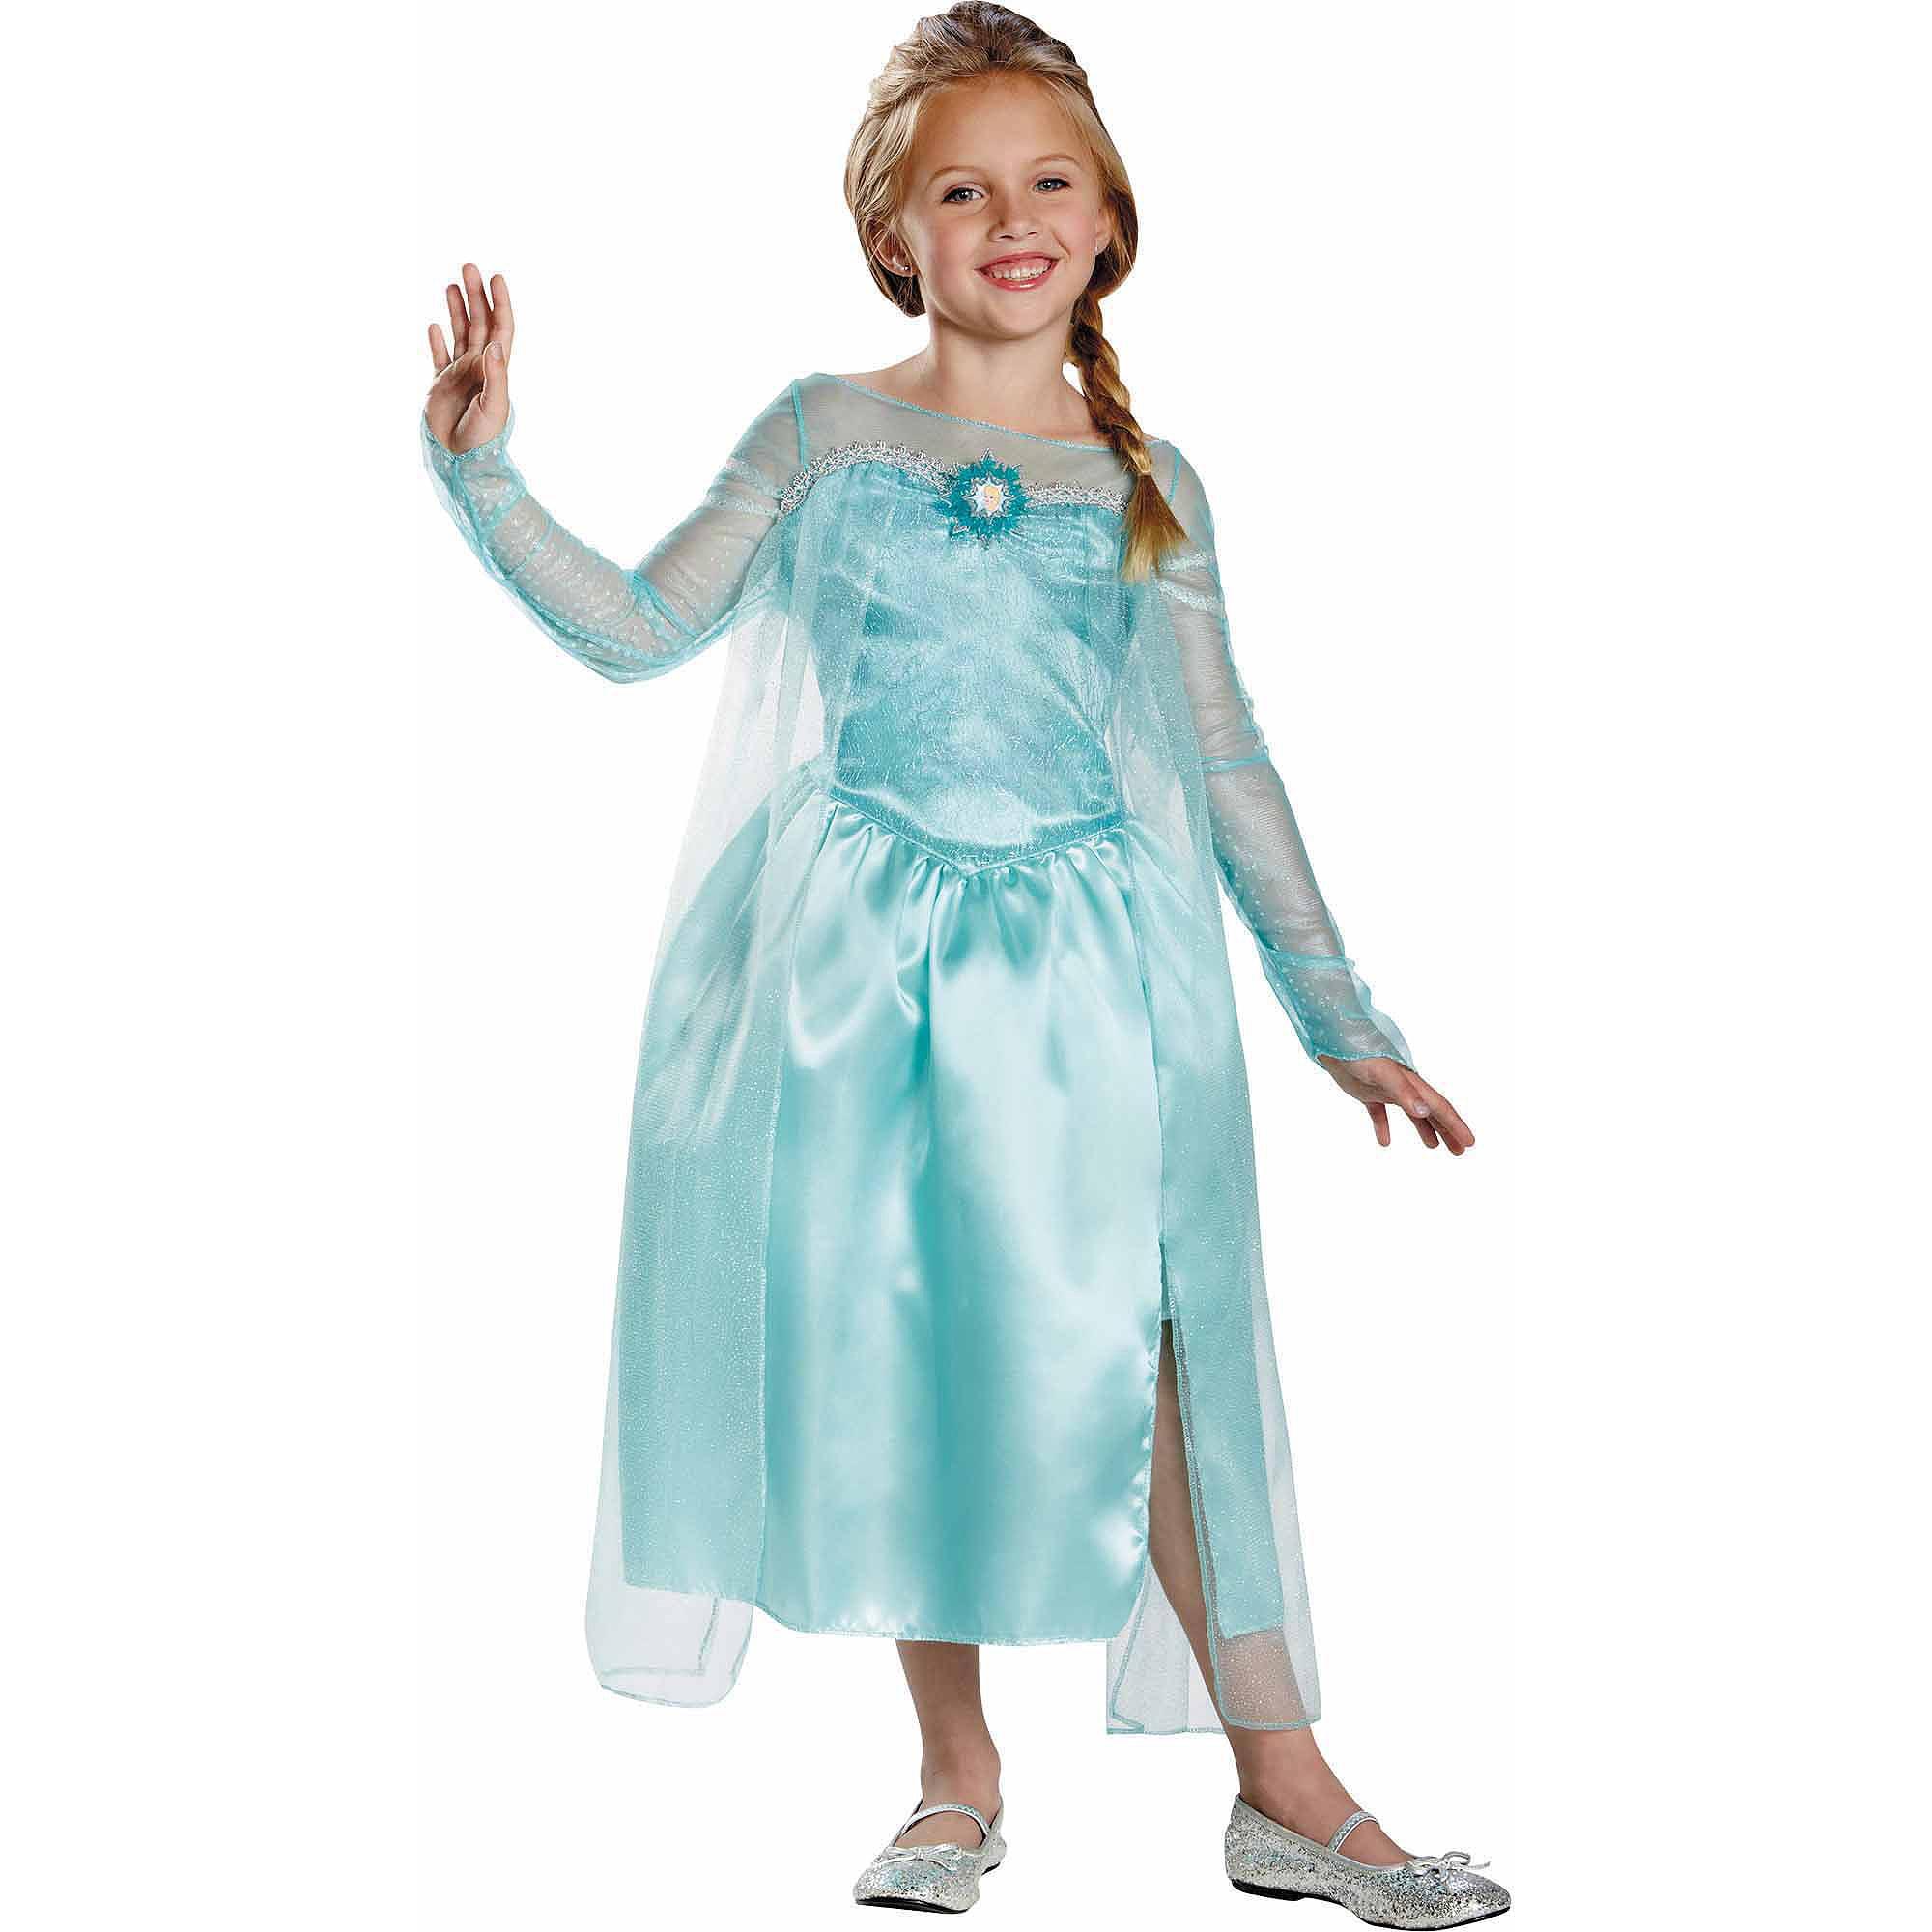 Frozen Elsa Snow Queen Costume